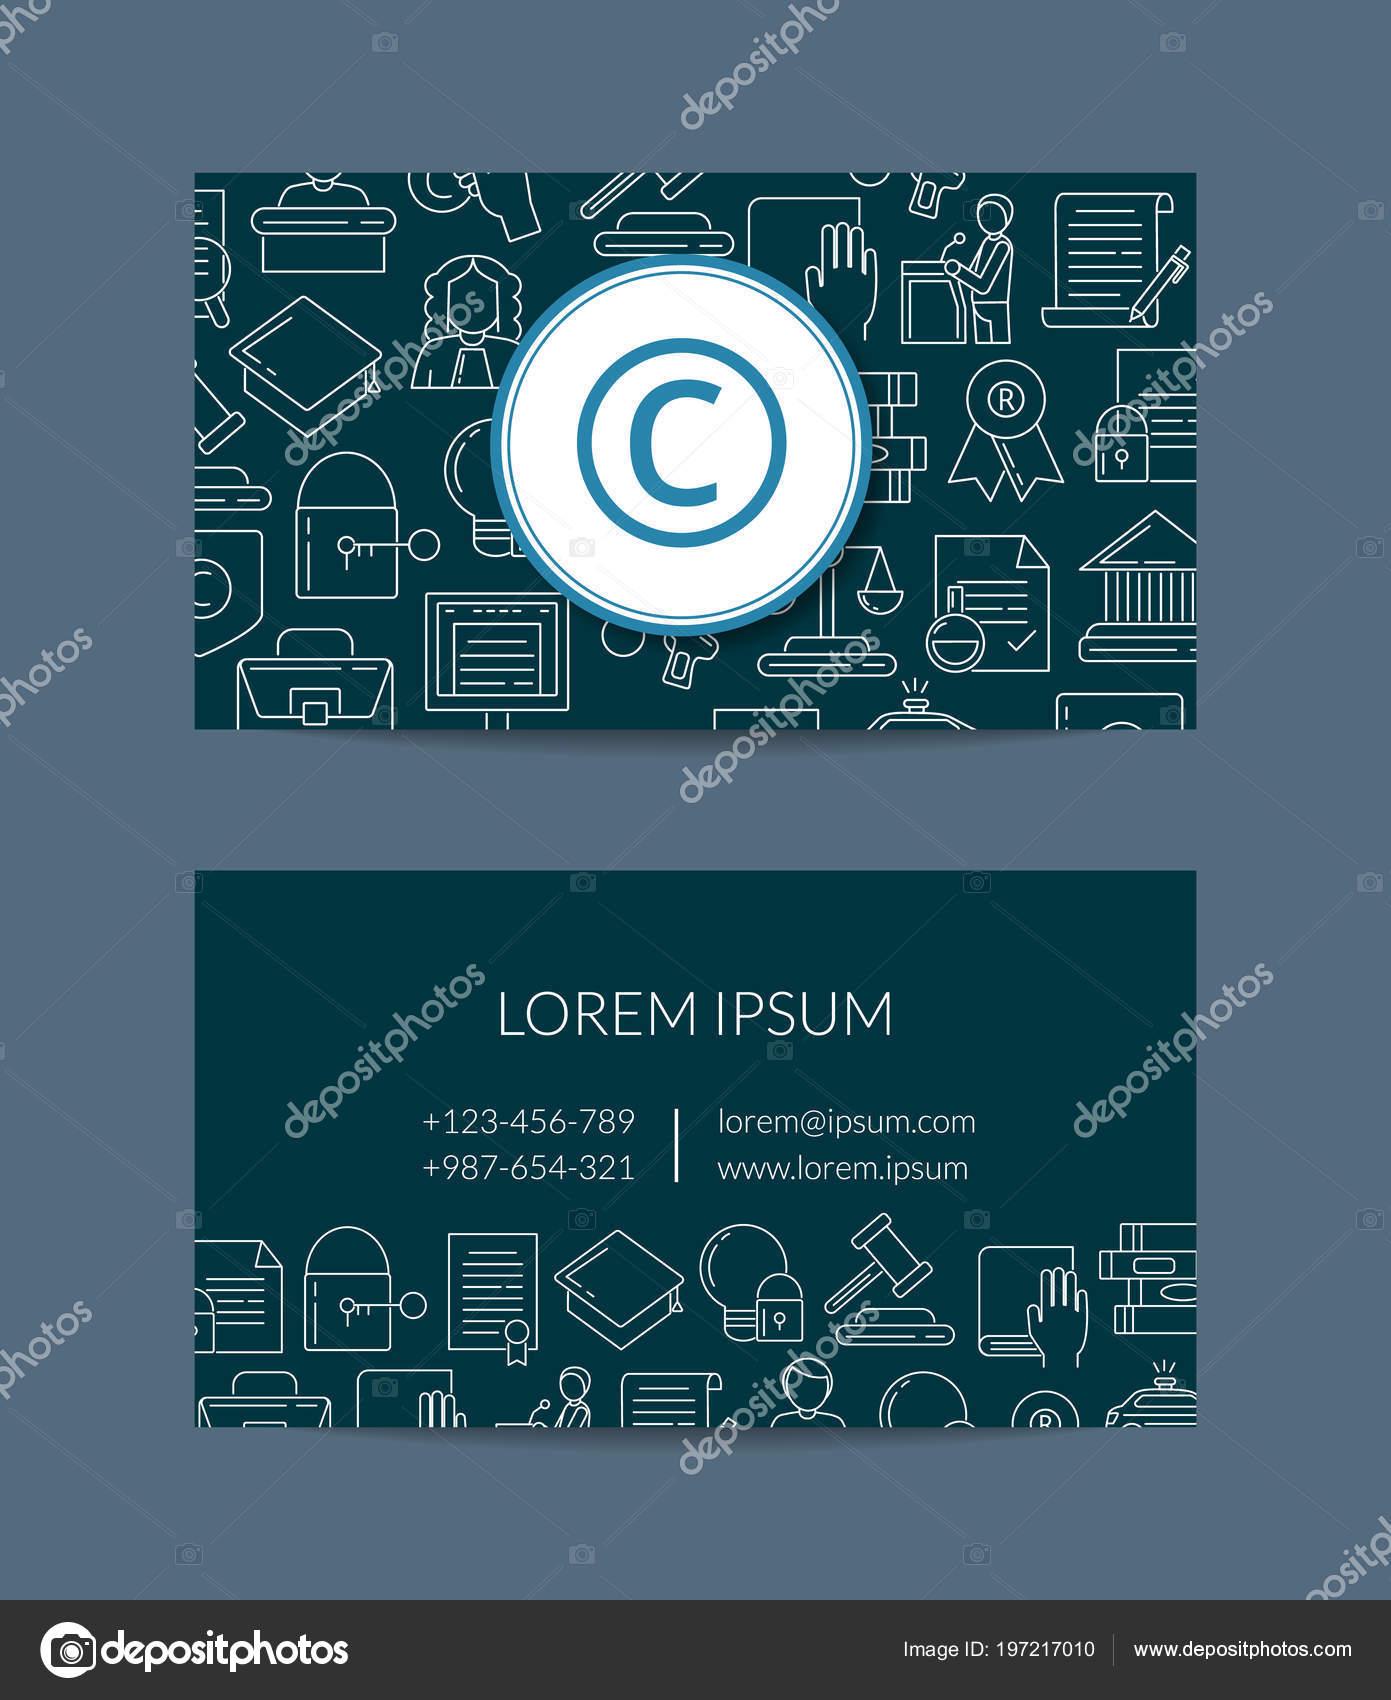 Vector Style Lineaire Des Elements Du Droit Dauteur Business Modele De Carte Davocat Ou Dun Protegent Les Illustration La Societe